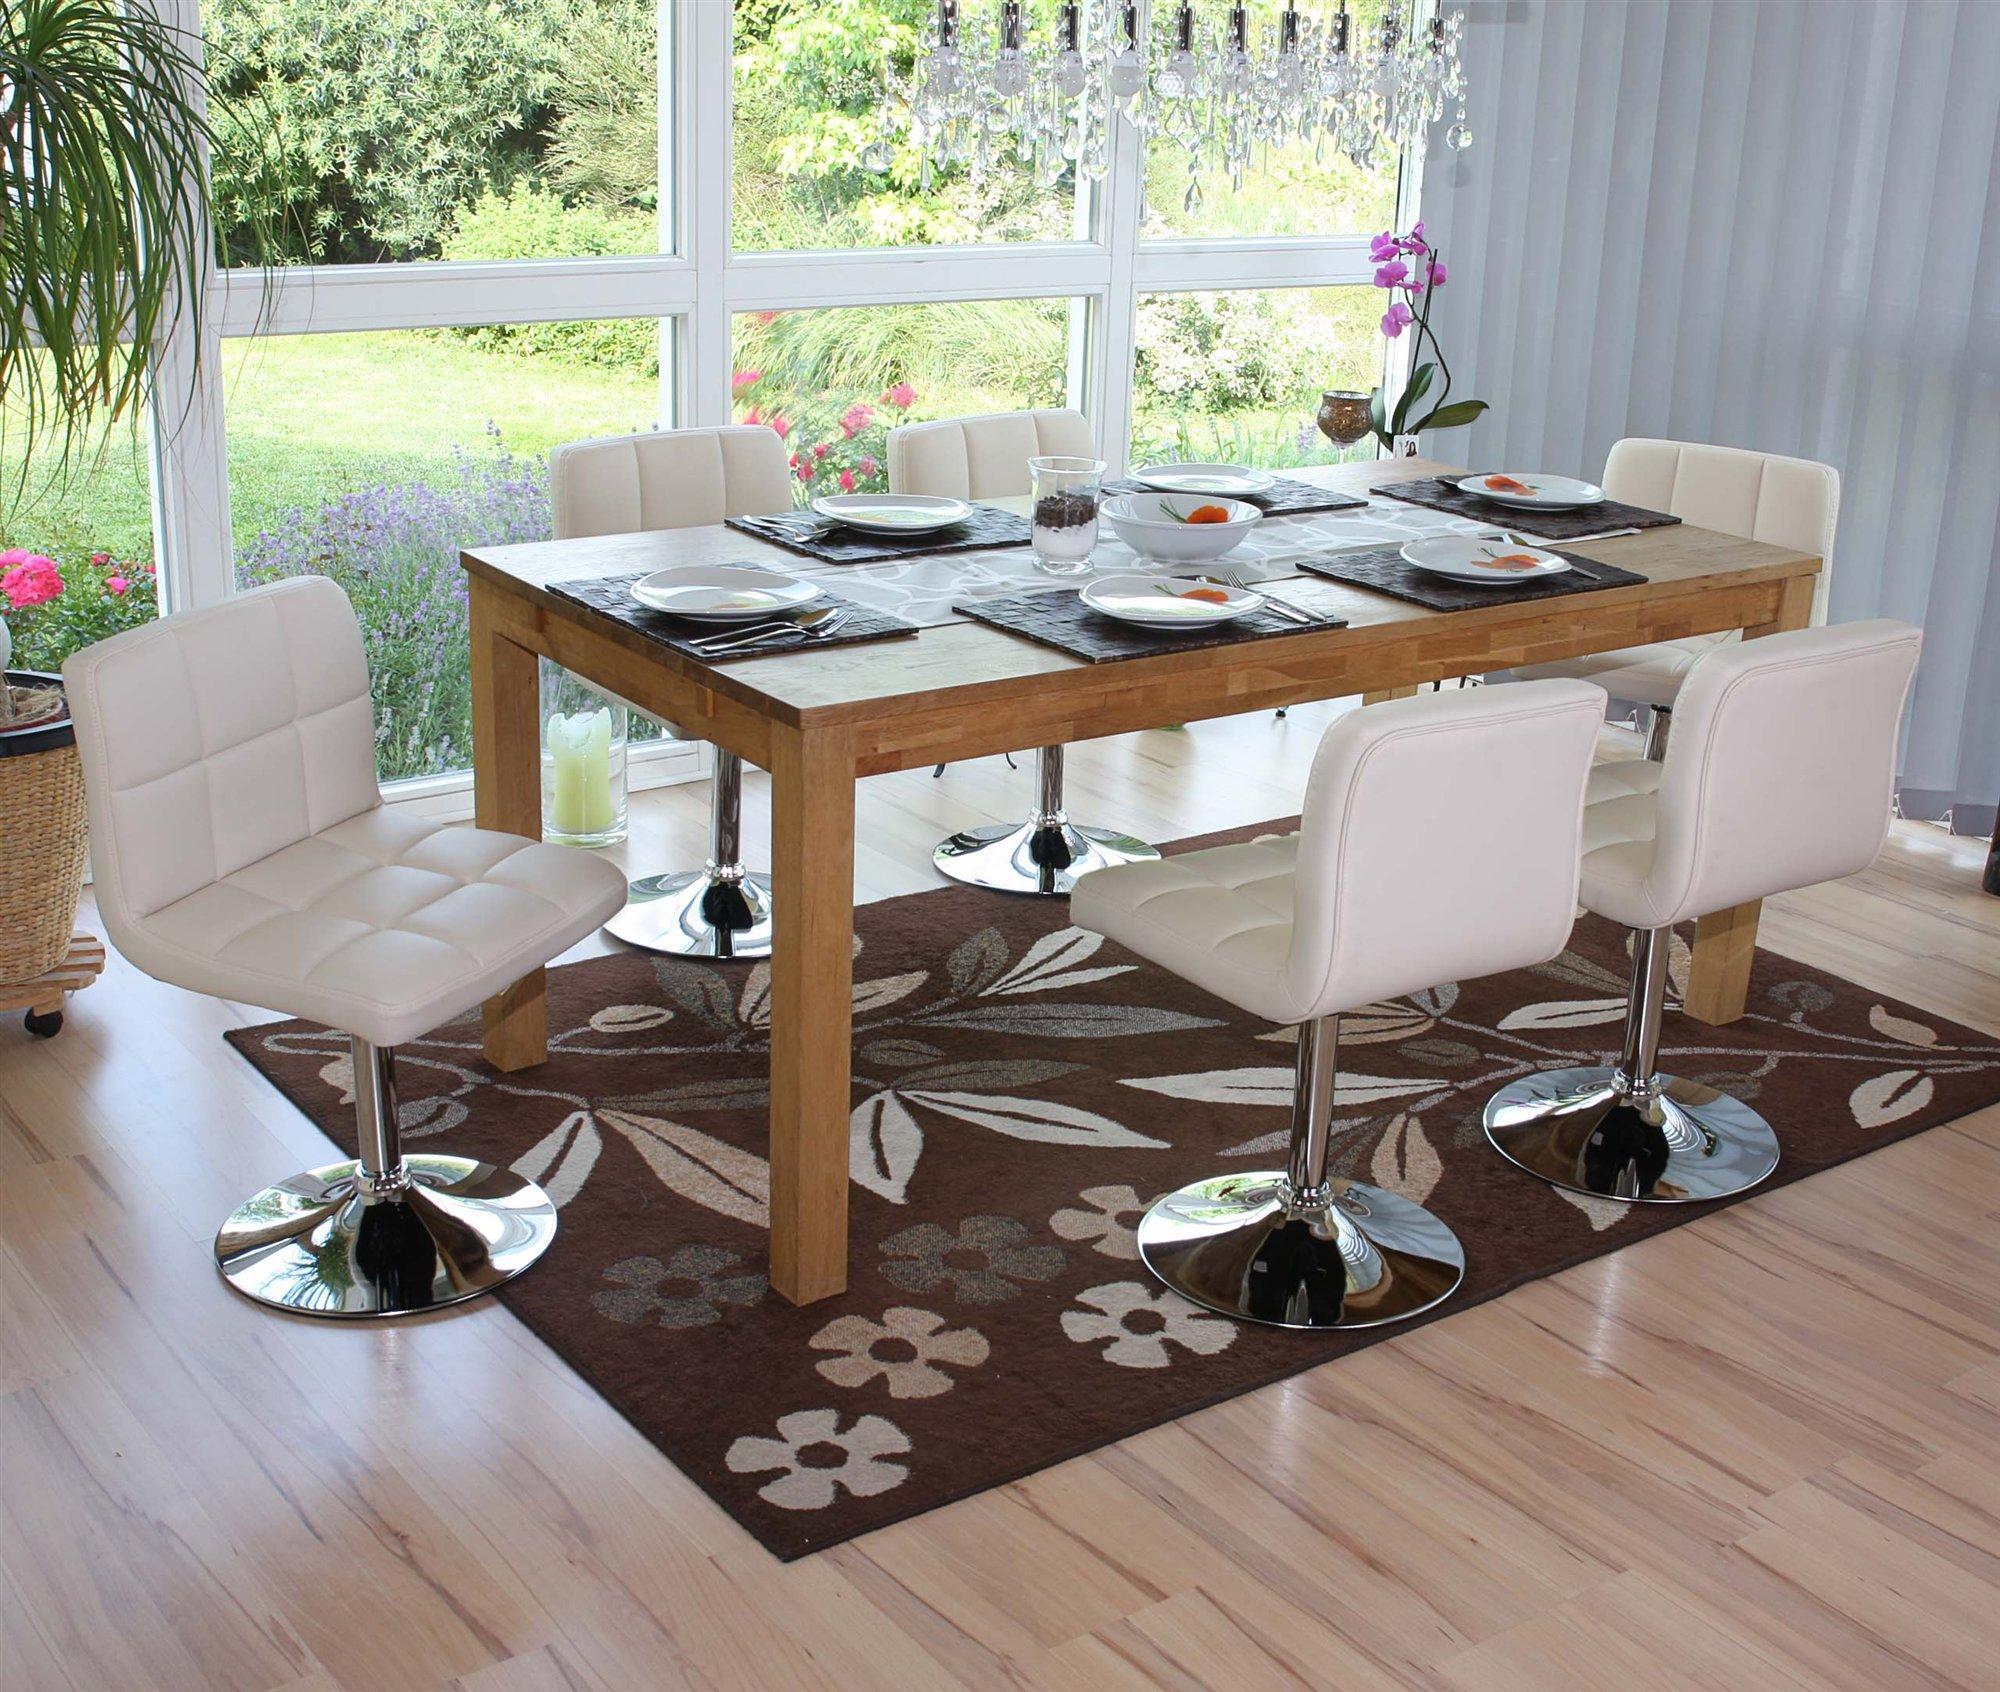 Conjunto de 6 sillas de cocina genova giratorias crema for Sillas de comedor comodas